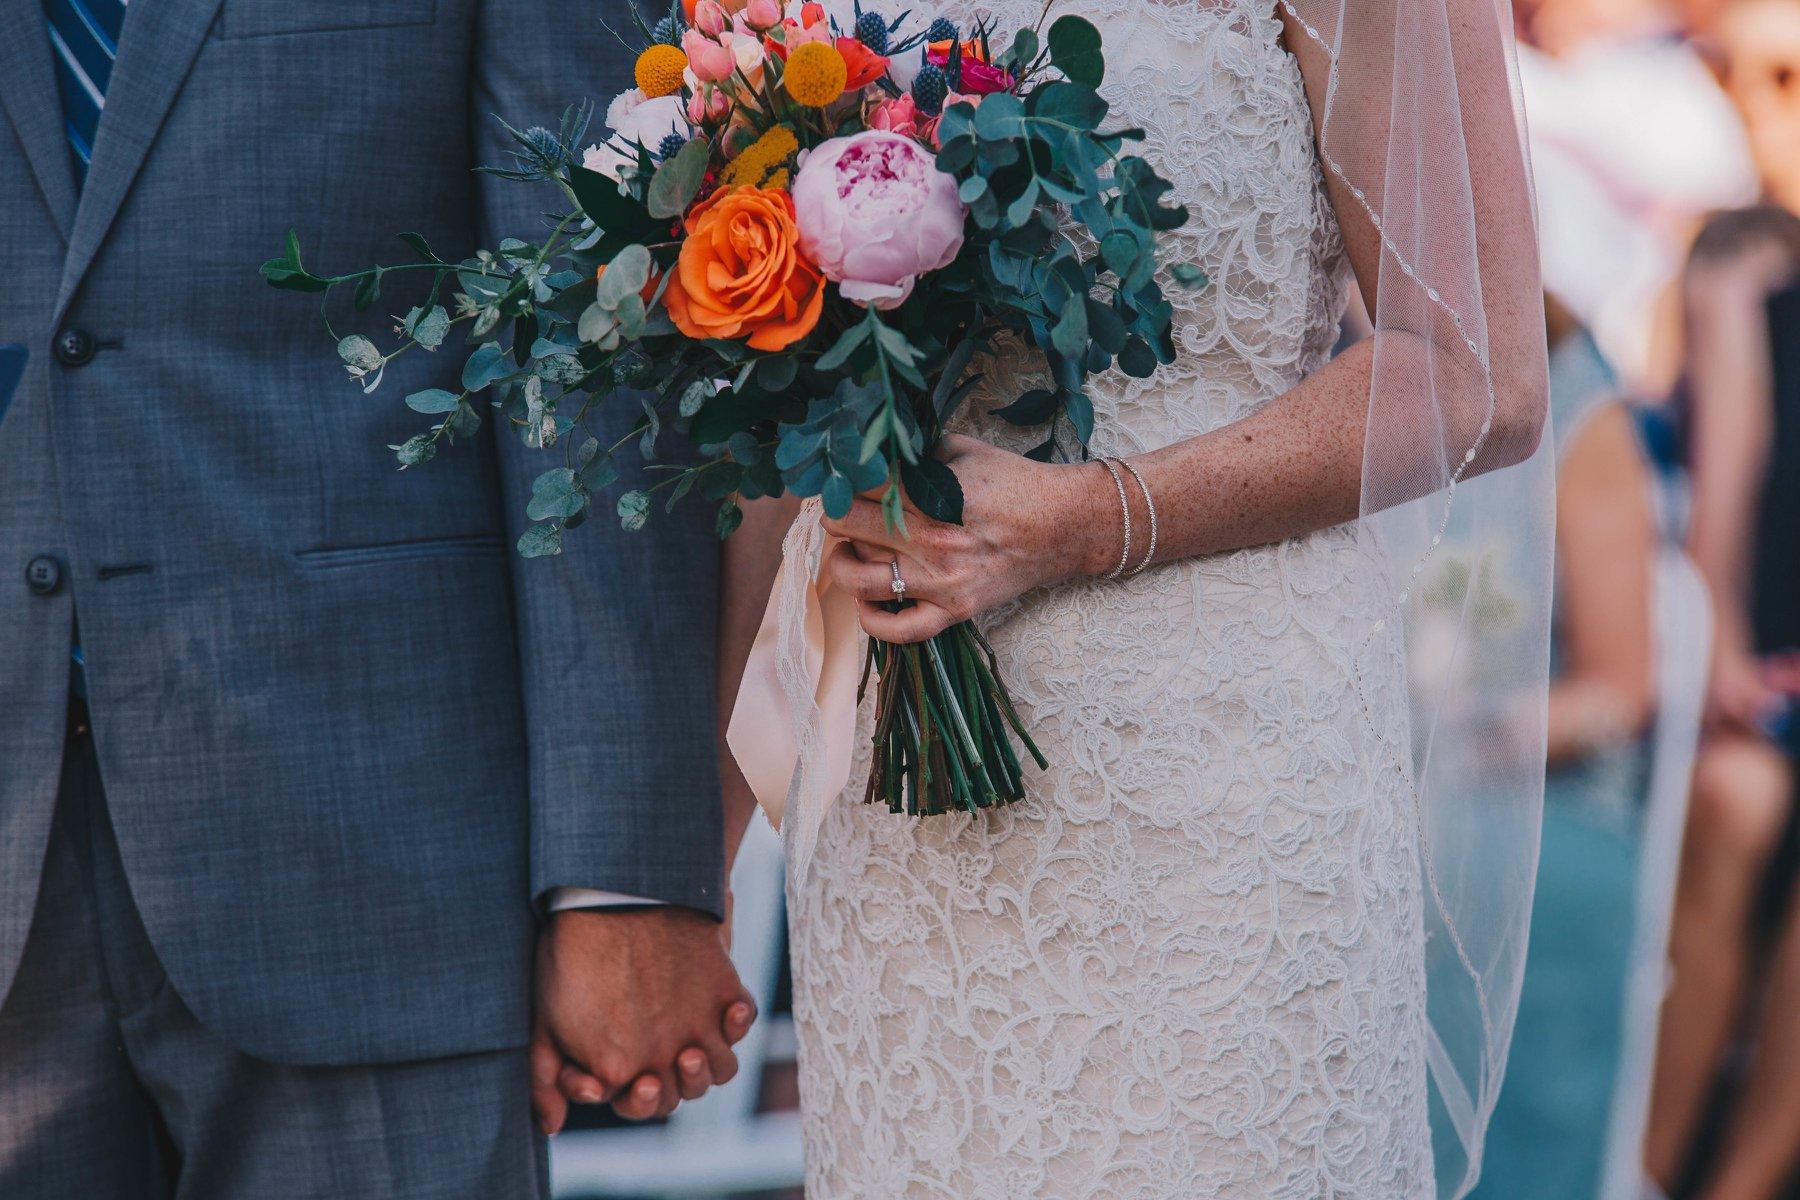 rachel wedding 4.jpg